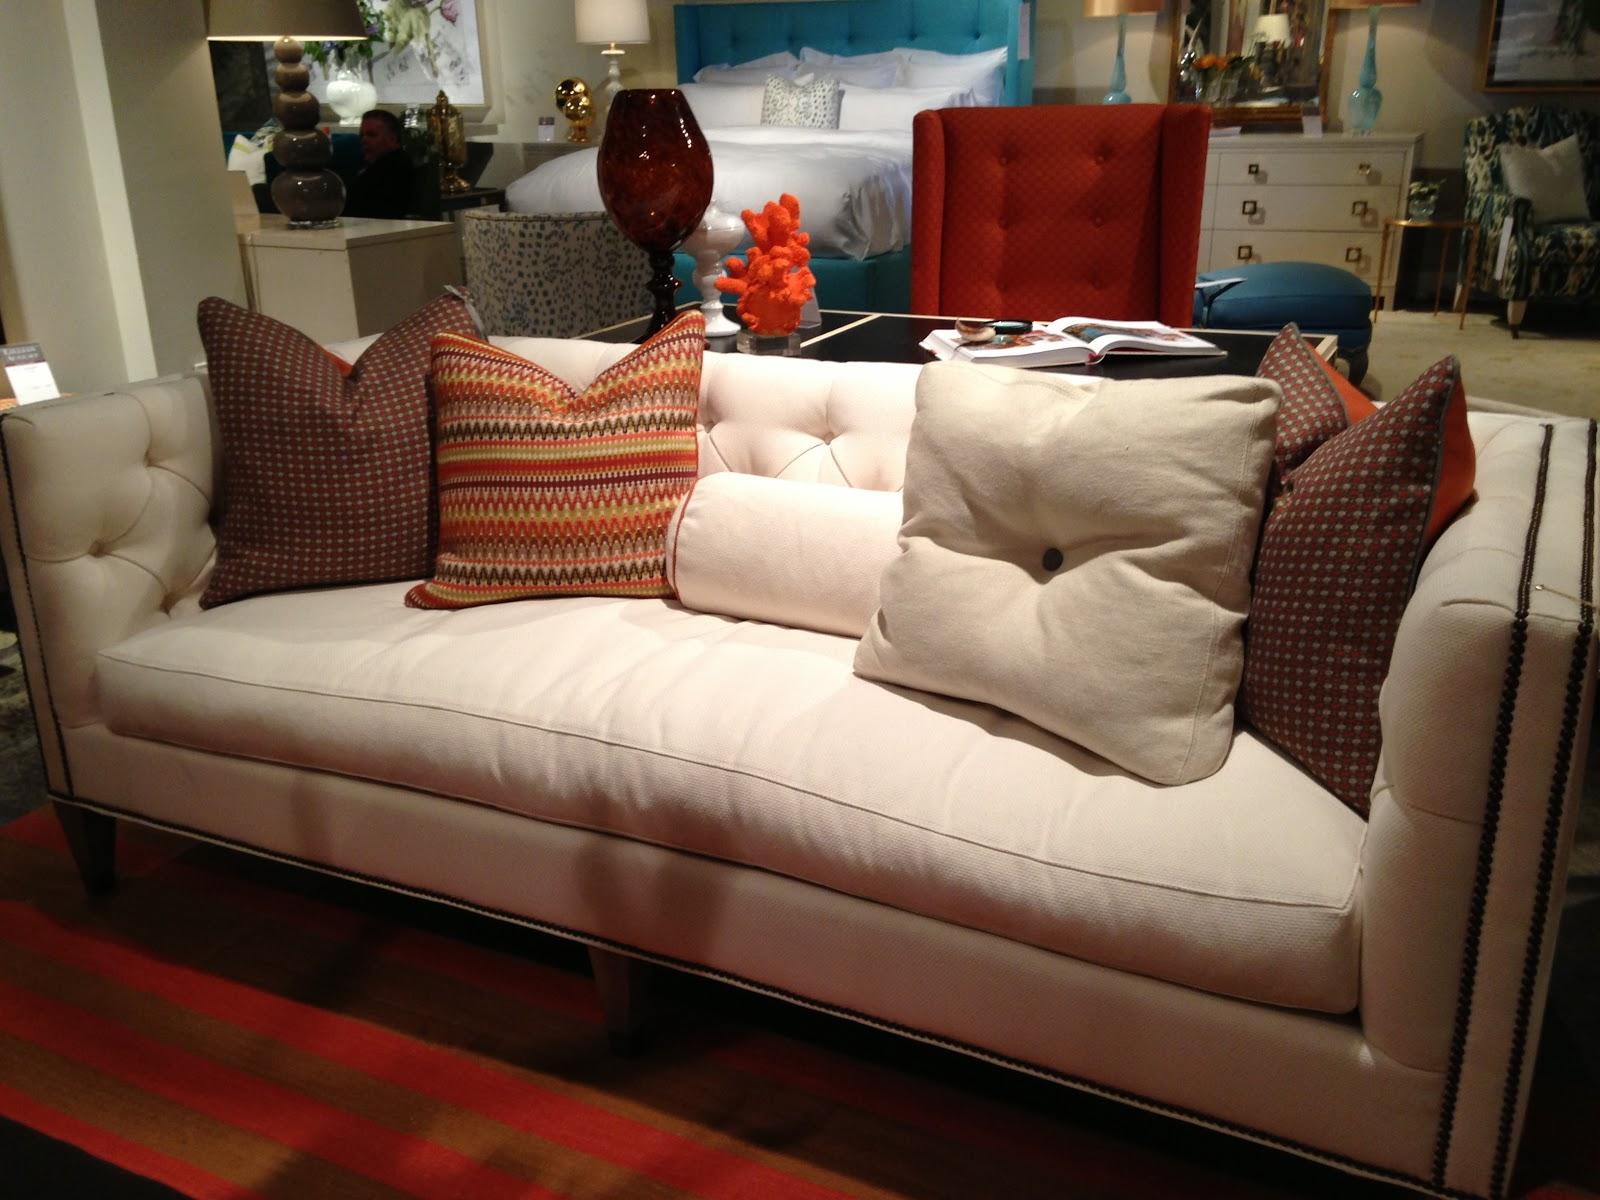 e Cushion Sofa White e Cushion Sofa Brown Leather Sofa With